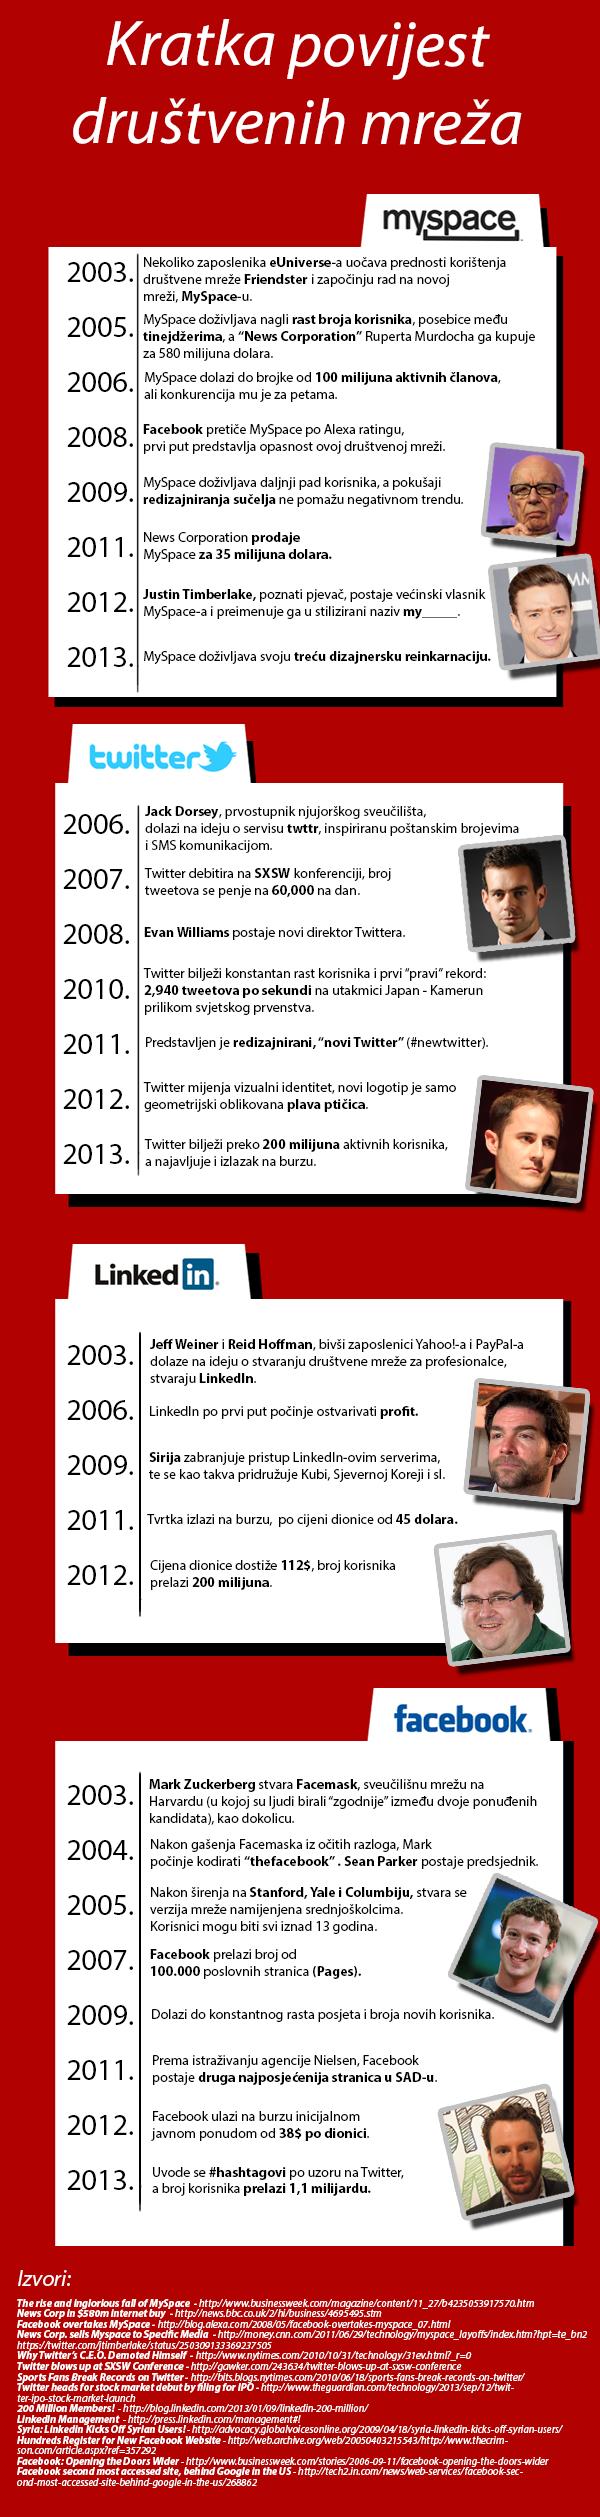 Akcija infografika drustvene mreze [INFOGRAFIKA] Kratka povijest društvenih mreža